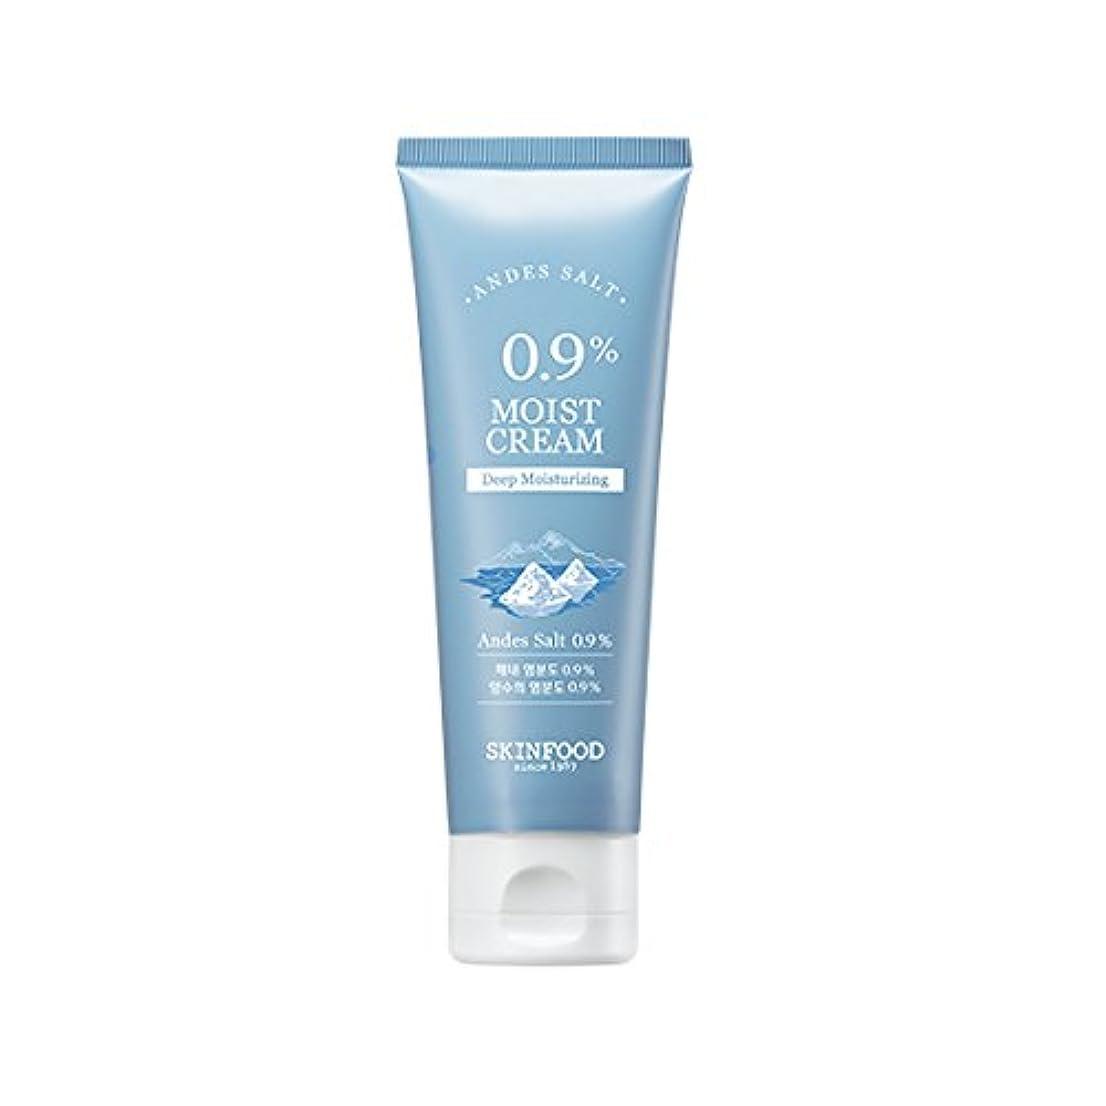 コンペまだら連想Skinfood 0.9モイストクリーム / 0.9 Moist Cream 100ml [並行輸入品]